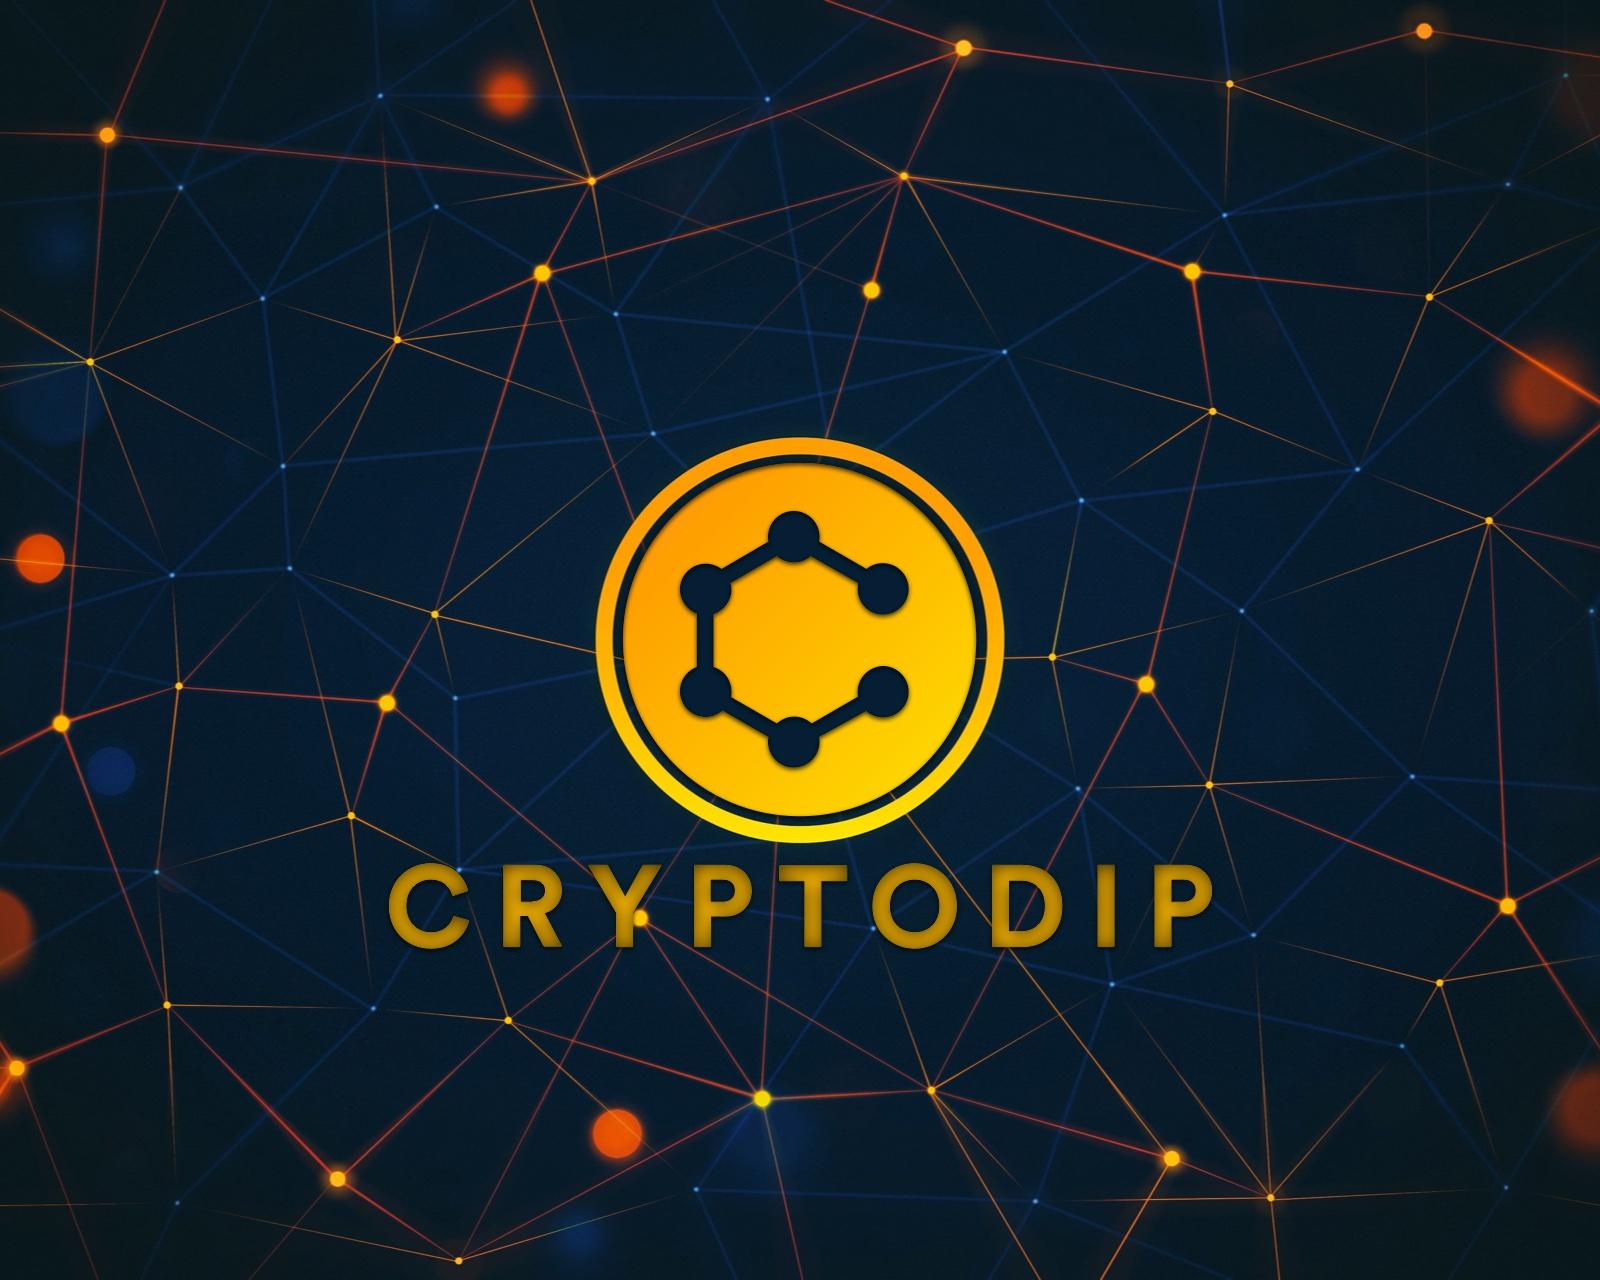 Crypto Dip